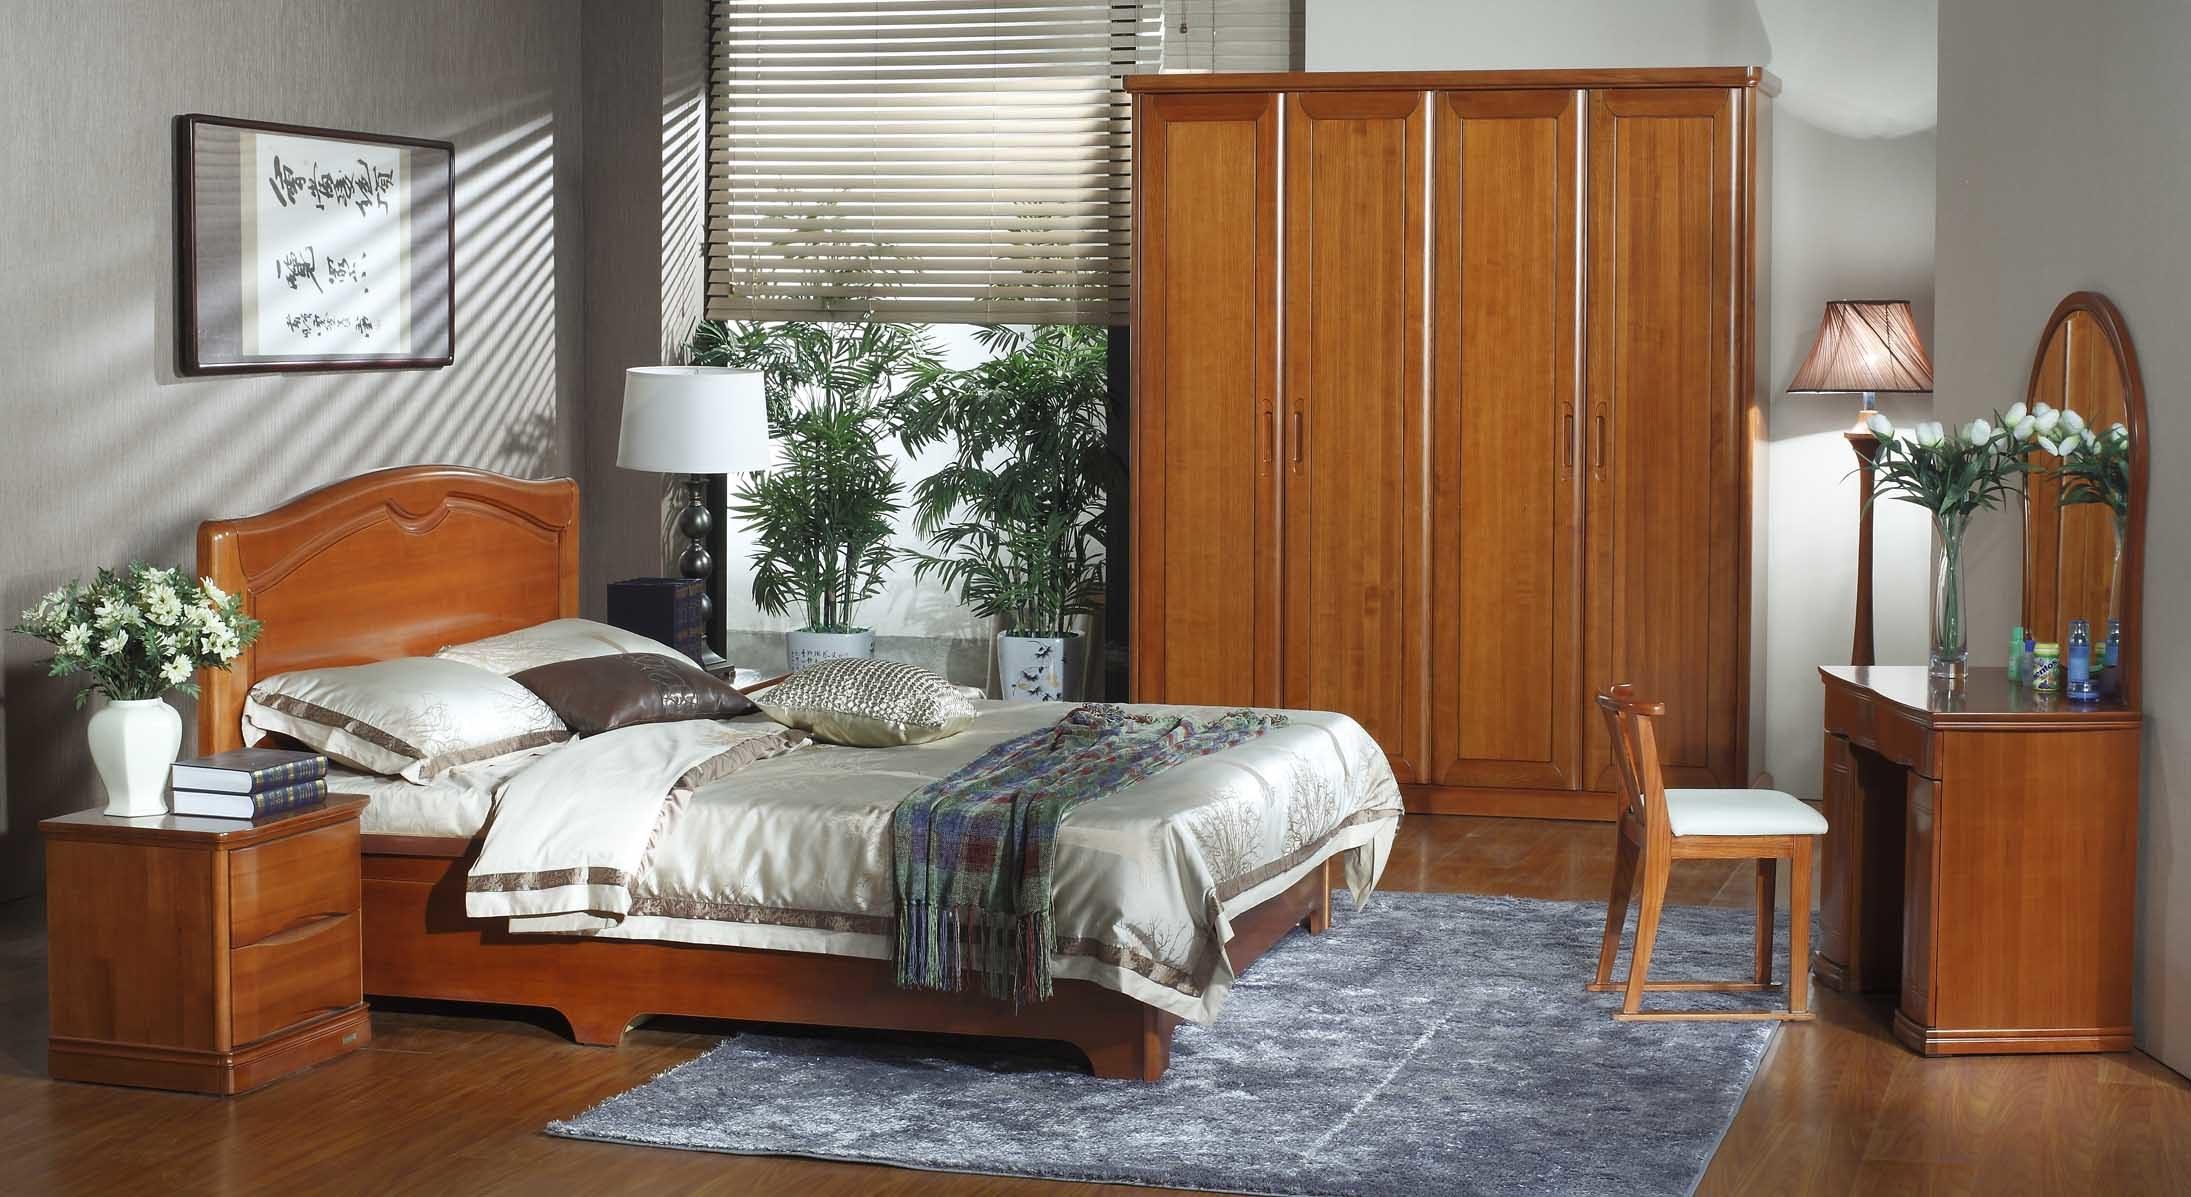 침실 가구 (SD04) – 침실 가구 (SD04)에 의해 제공Hebei Bluebird Furniture ...